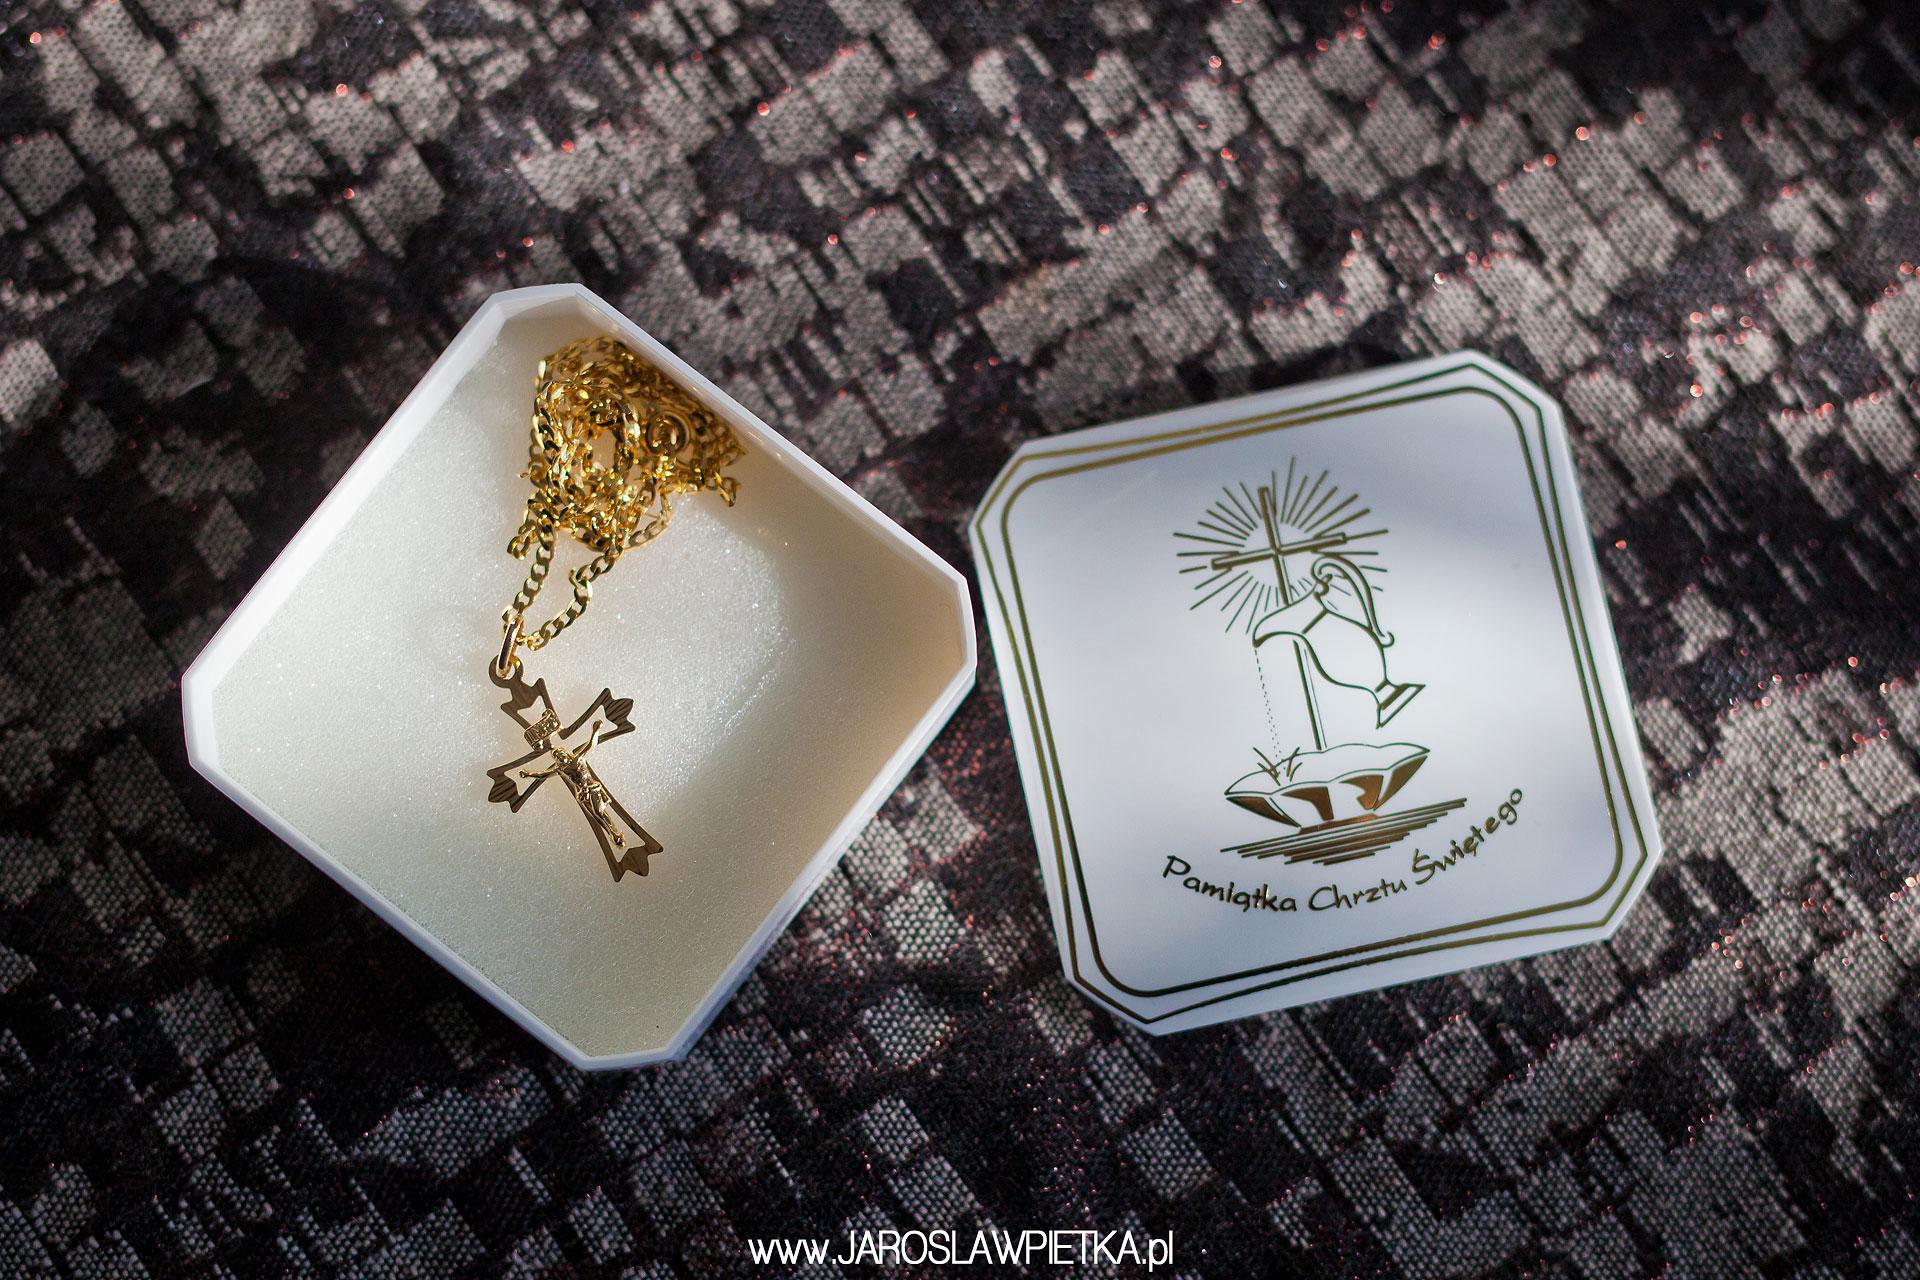 chrzest galeria zdjęć _ chrzest święty na zdjęciach fotografa